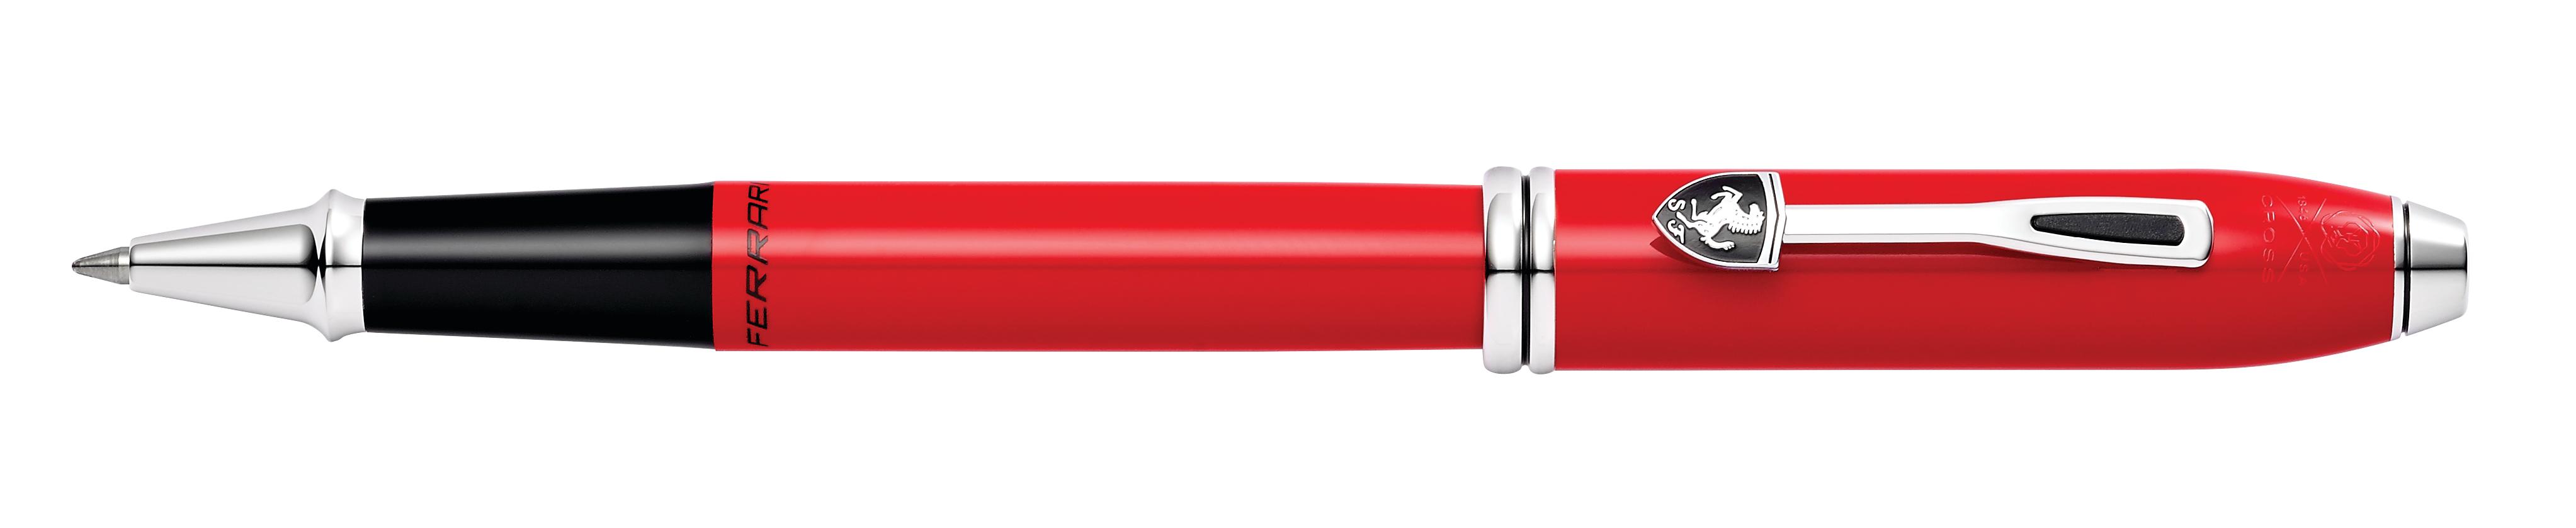 Cross Townsend Collection for Scuderia Ferrari Glossy Rosso Corsa Red Lacquer Rollerball Pen